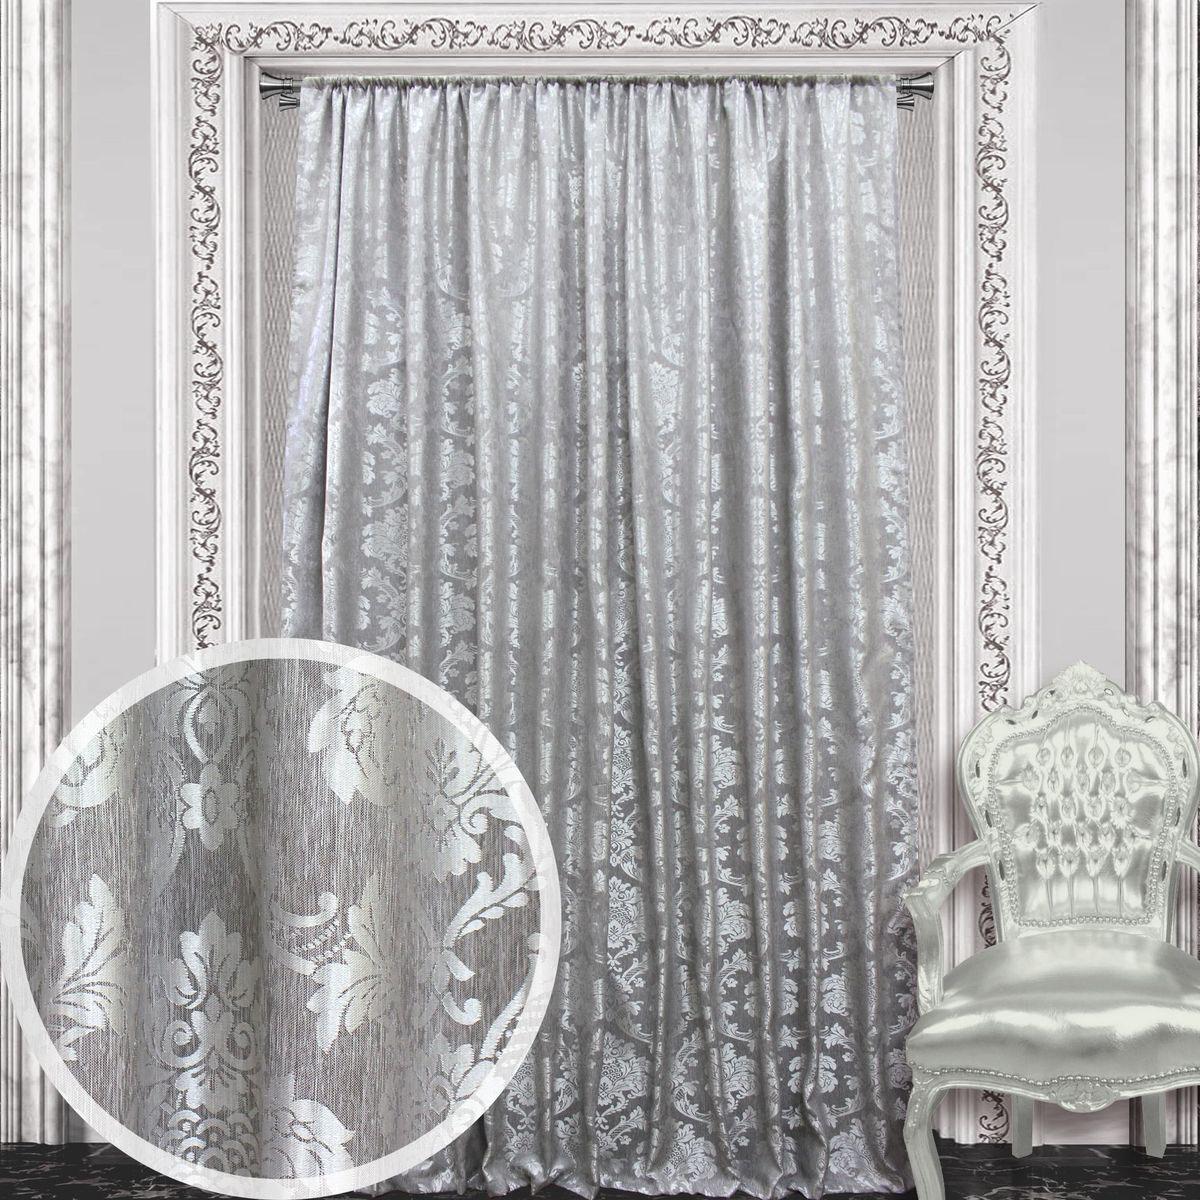 Штора Amore Mio, на ленте, цвет: серый, высота 270 см. 8605286052Штора Amore Mio с роскошным рисунком изготовлена из 100% полиэстера. Полиэстер - вид ткани, состоящий из полиэфирных волокон. Ткани из полиэстера легкие, прочные и износостойкие. Такие изделия не требуют специального ухода, не пылятся и почти не мнутся.Крепление к карнизу осуществляется при помощи вшитой шторной ленты.